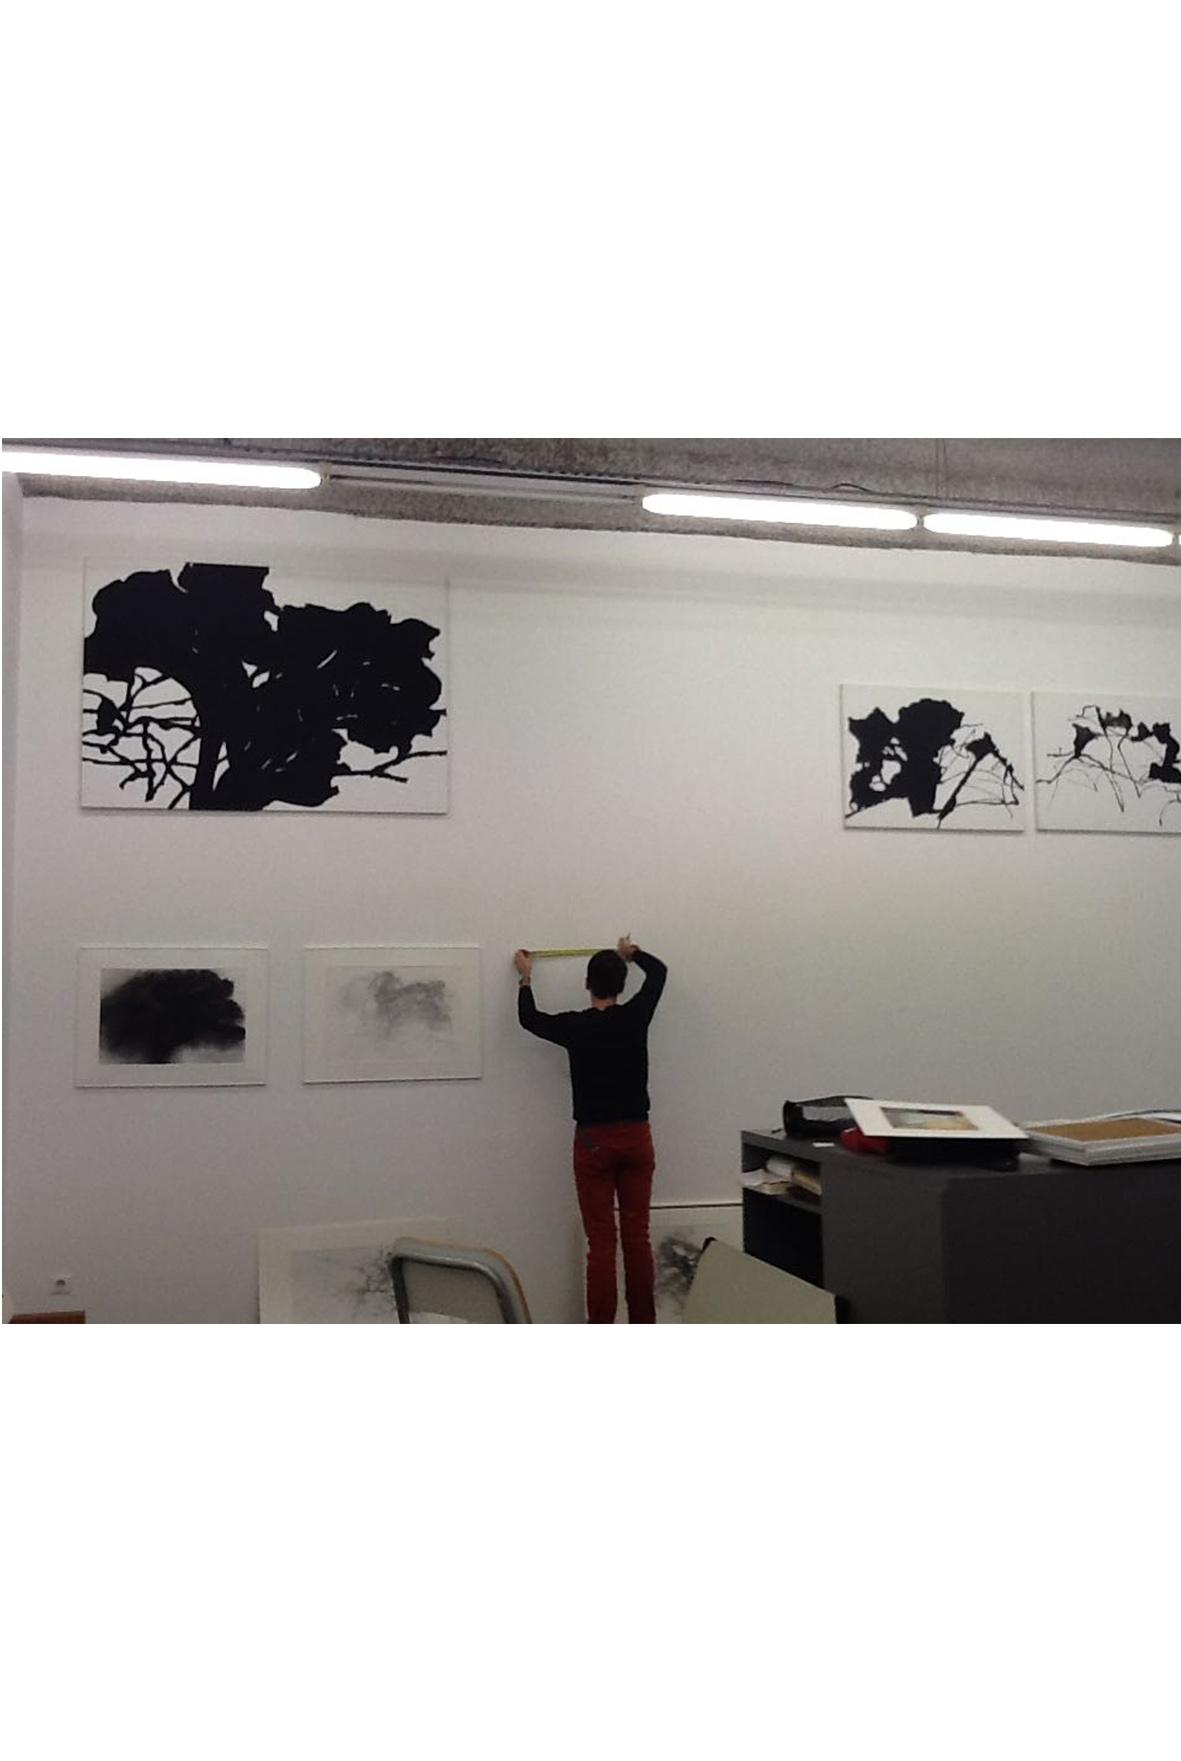 accrochage de l'exposition Hollan, galerie d'art lyon, art contemporain lyon, galerie Lyon